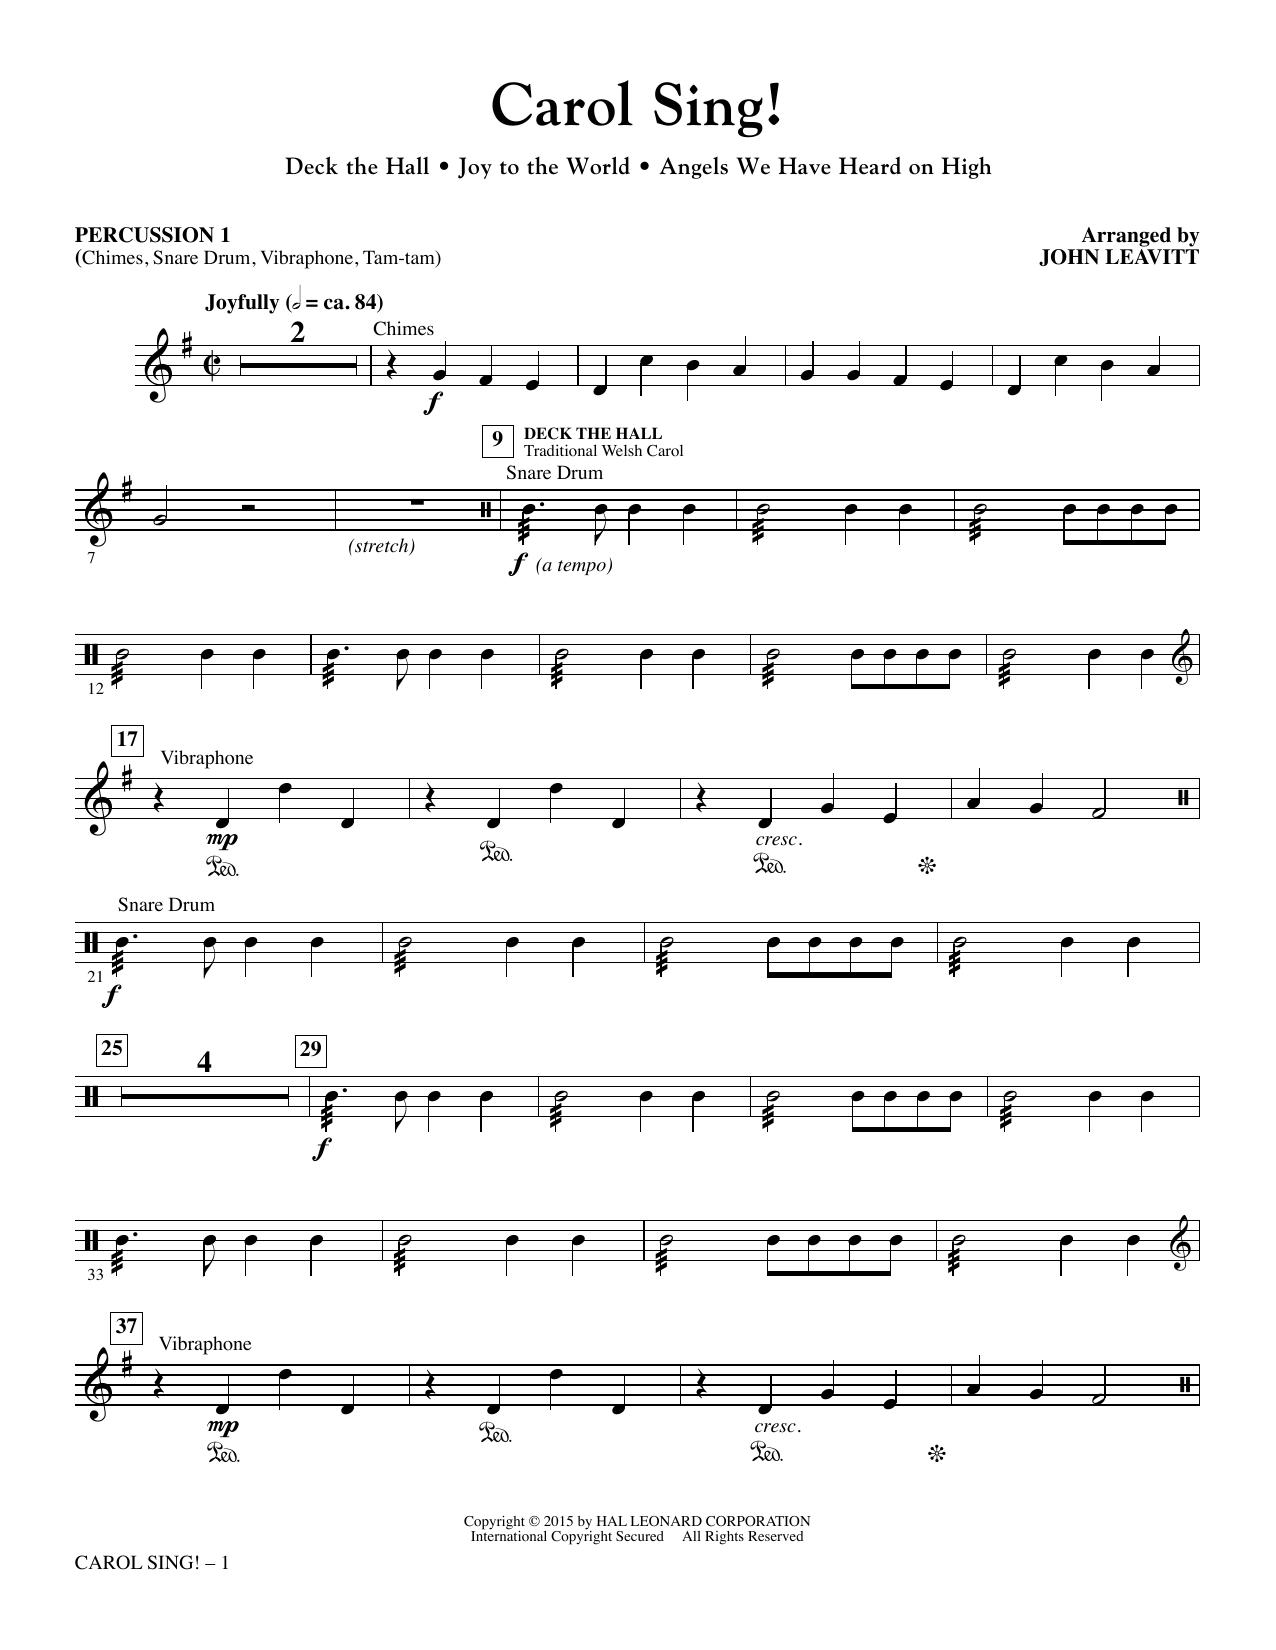 Carol Sing! - Percussion 1 sheet music